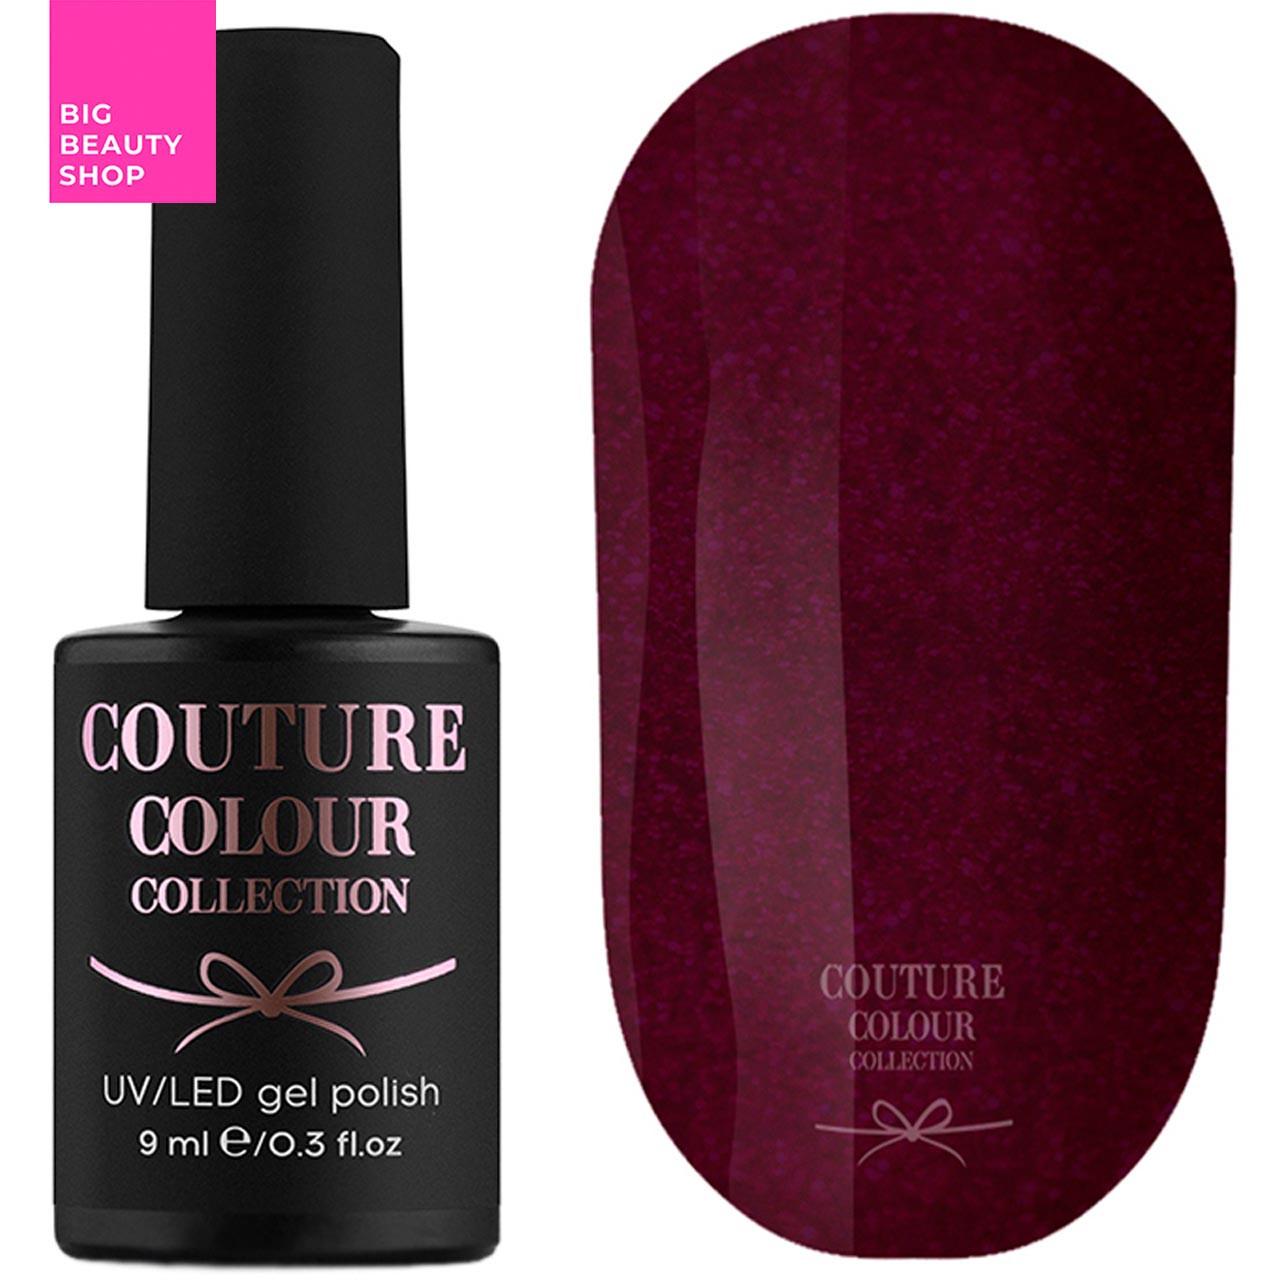 Гель-лак для ногтей Couture Colour №073 Плотный малиновая фуксия с перламутром и шиммерами 9 мл